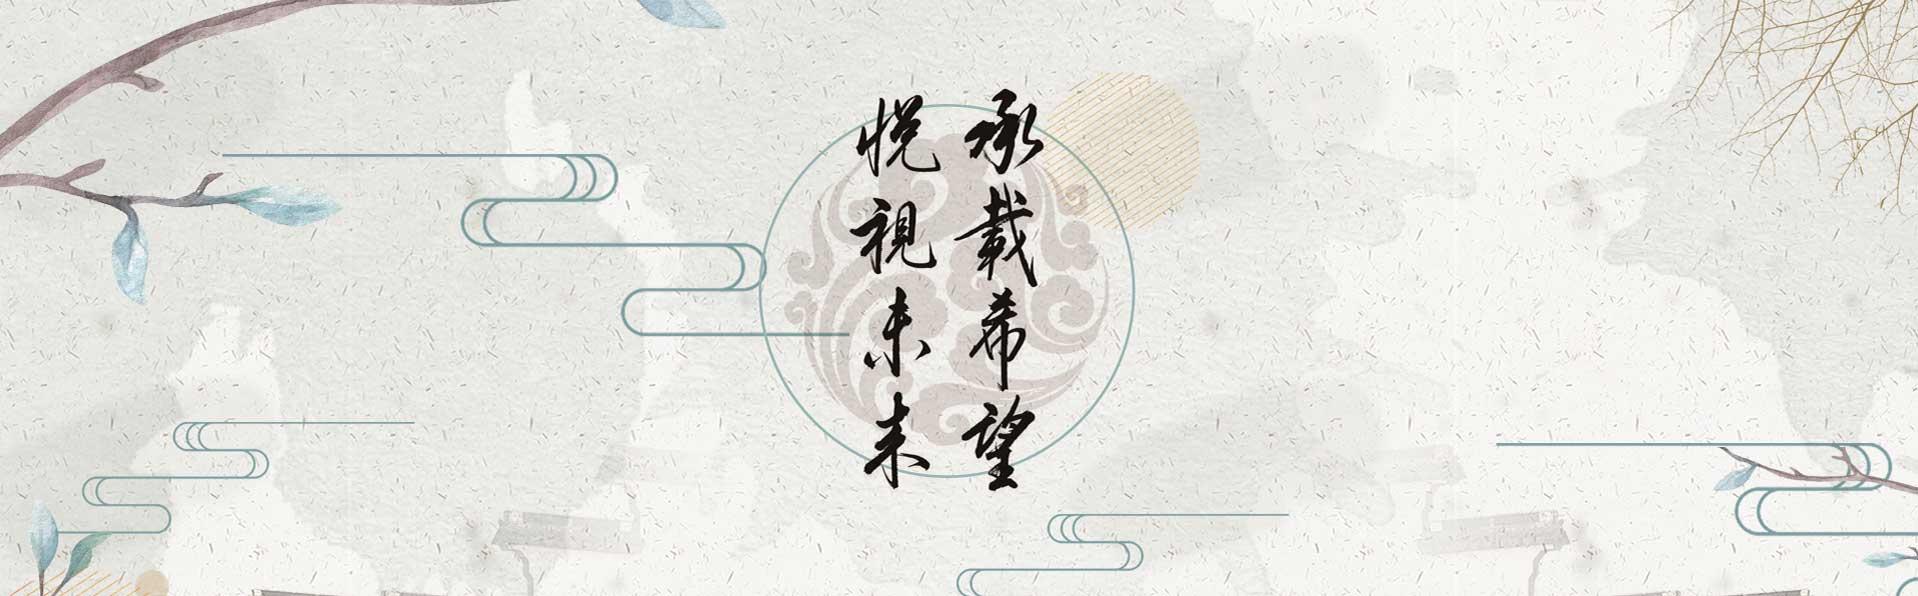 南通承悦装饰集团有限公司